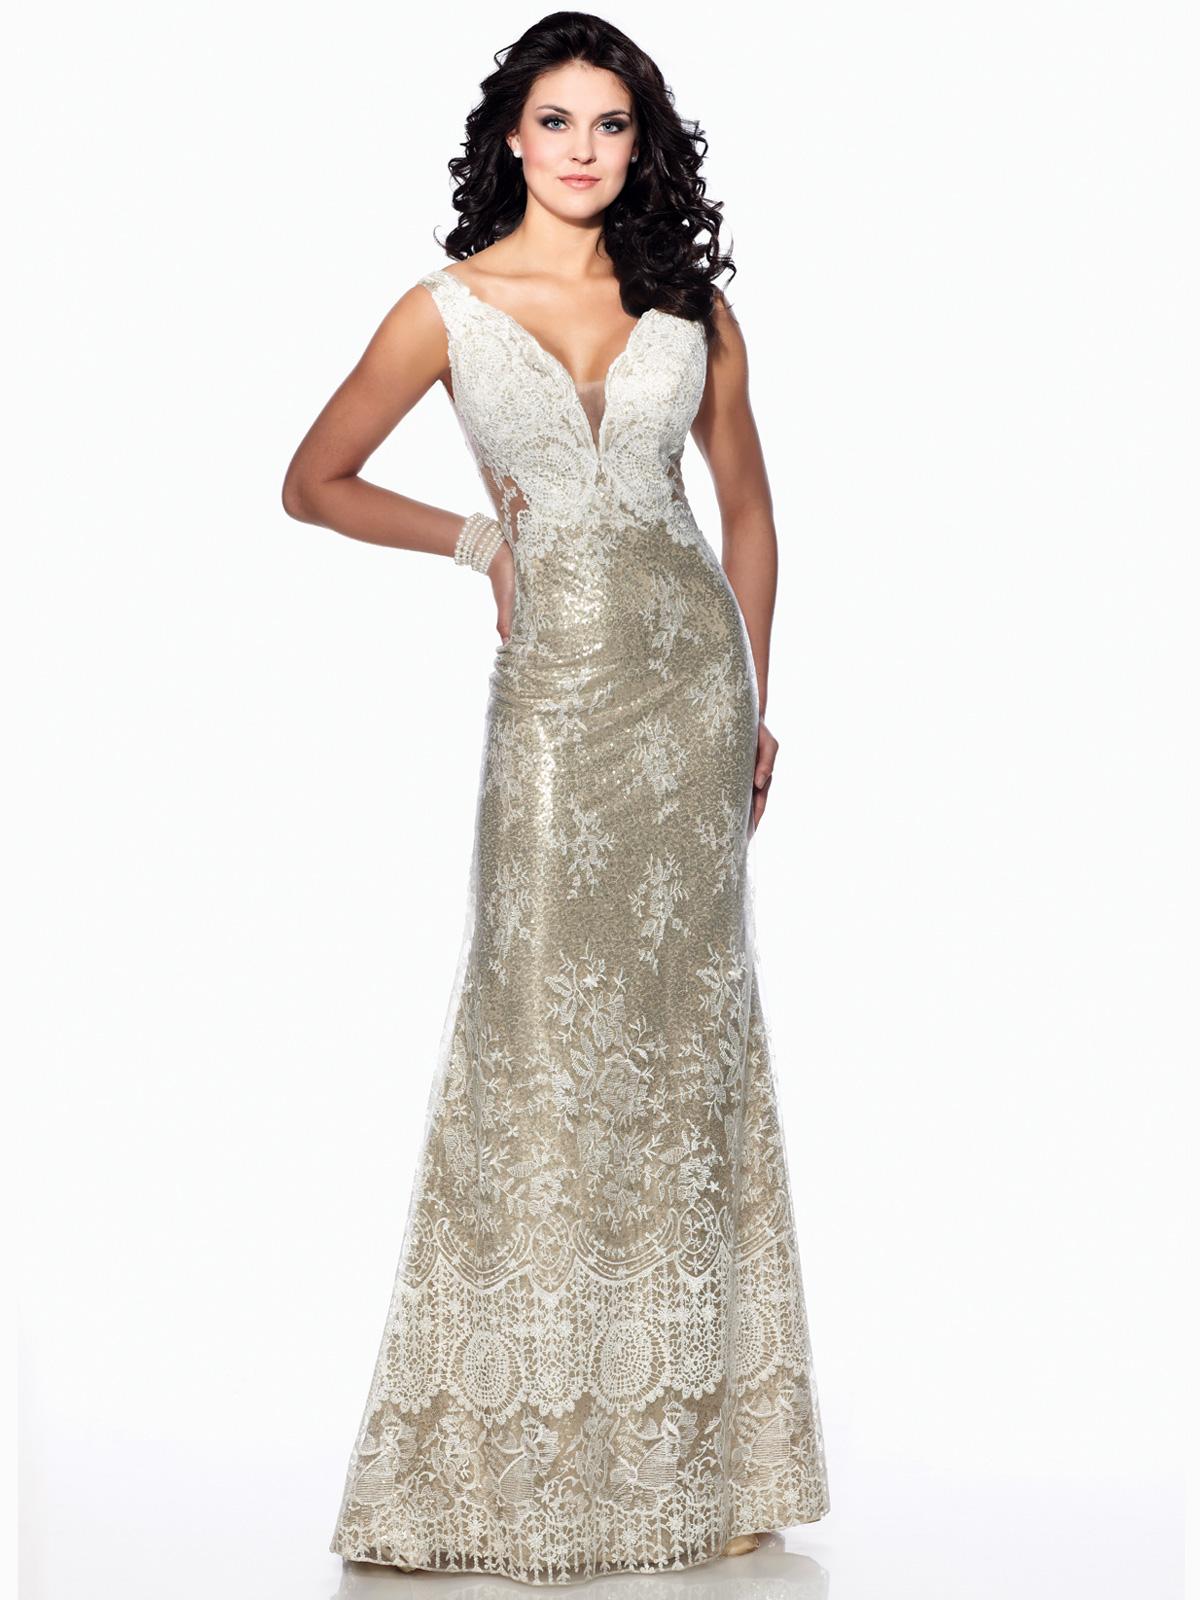 Vestido de Festa glamuroso com alças e detalhe de transparência no colo e costas, todo em renda francesa rebordada em pedrarias e saia com corte sereia.